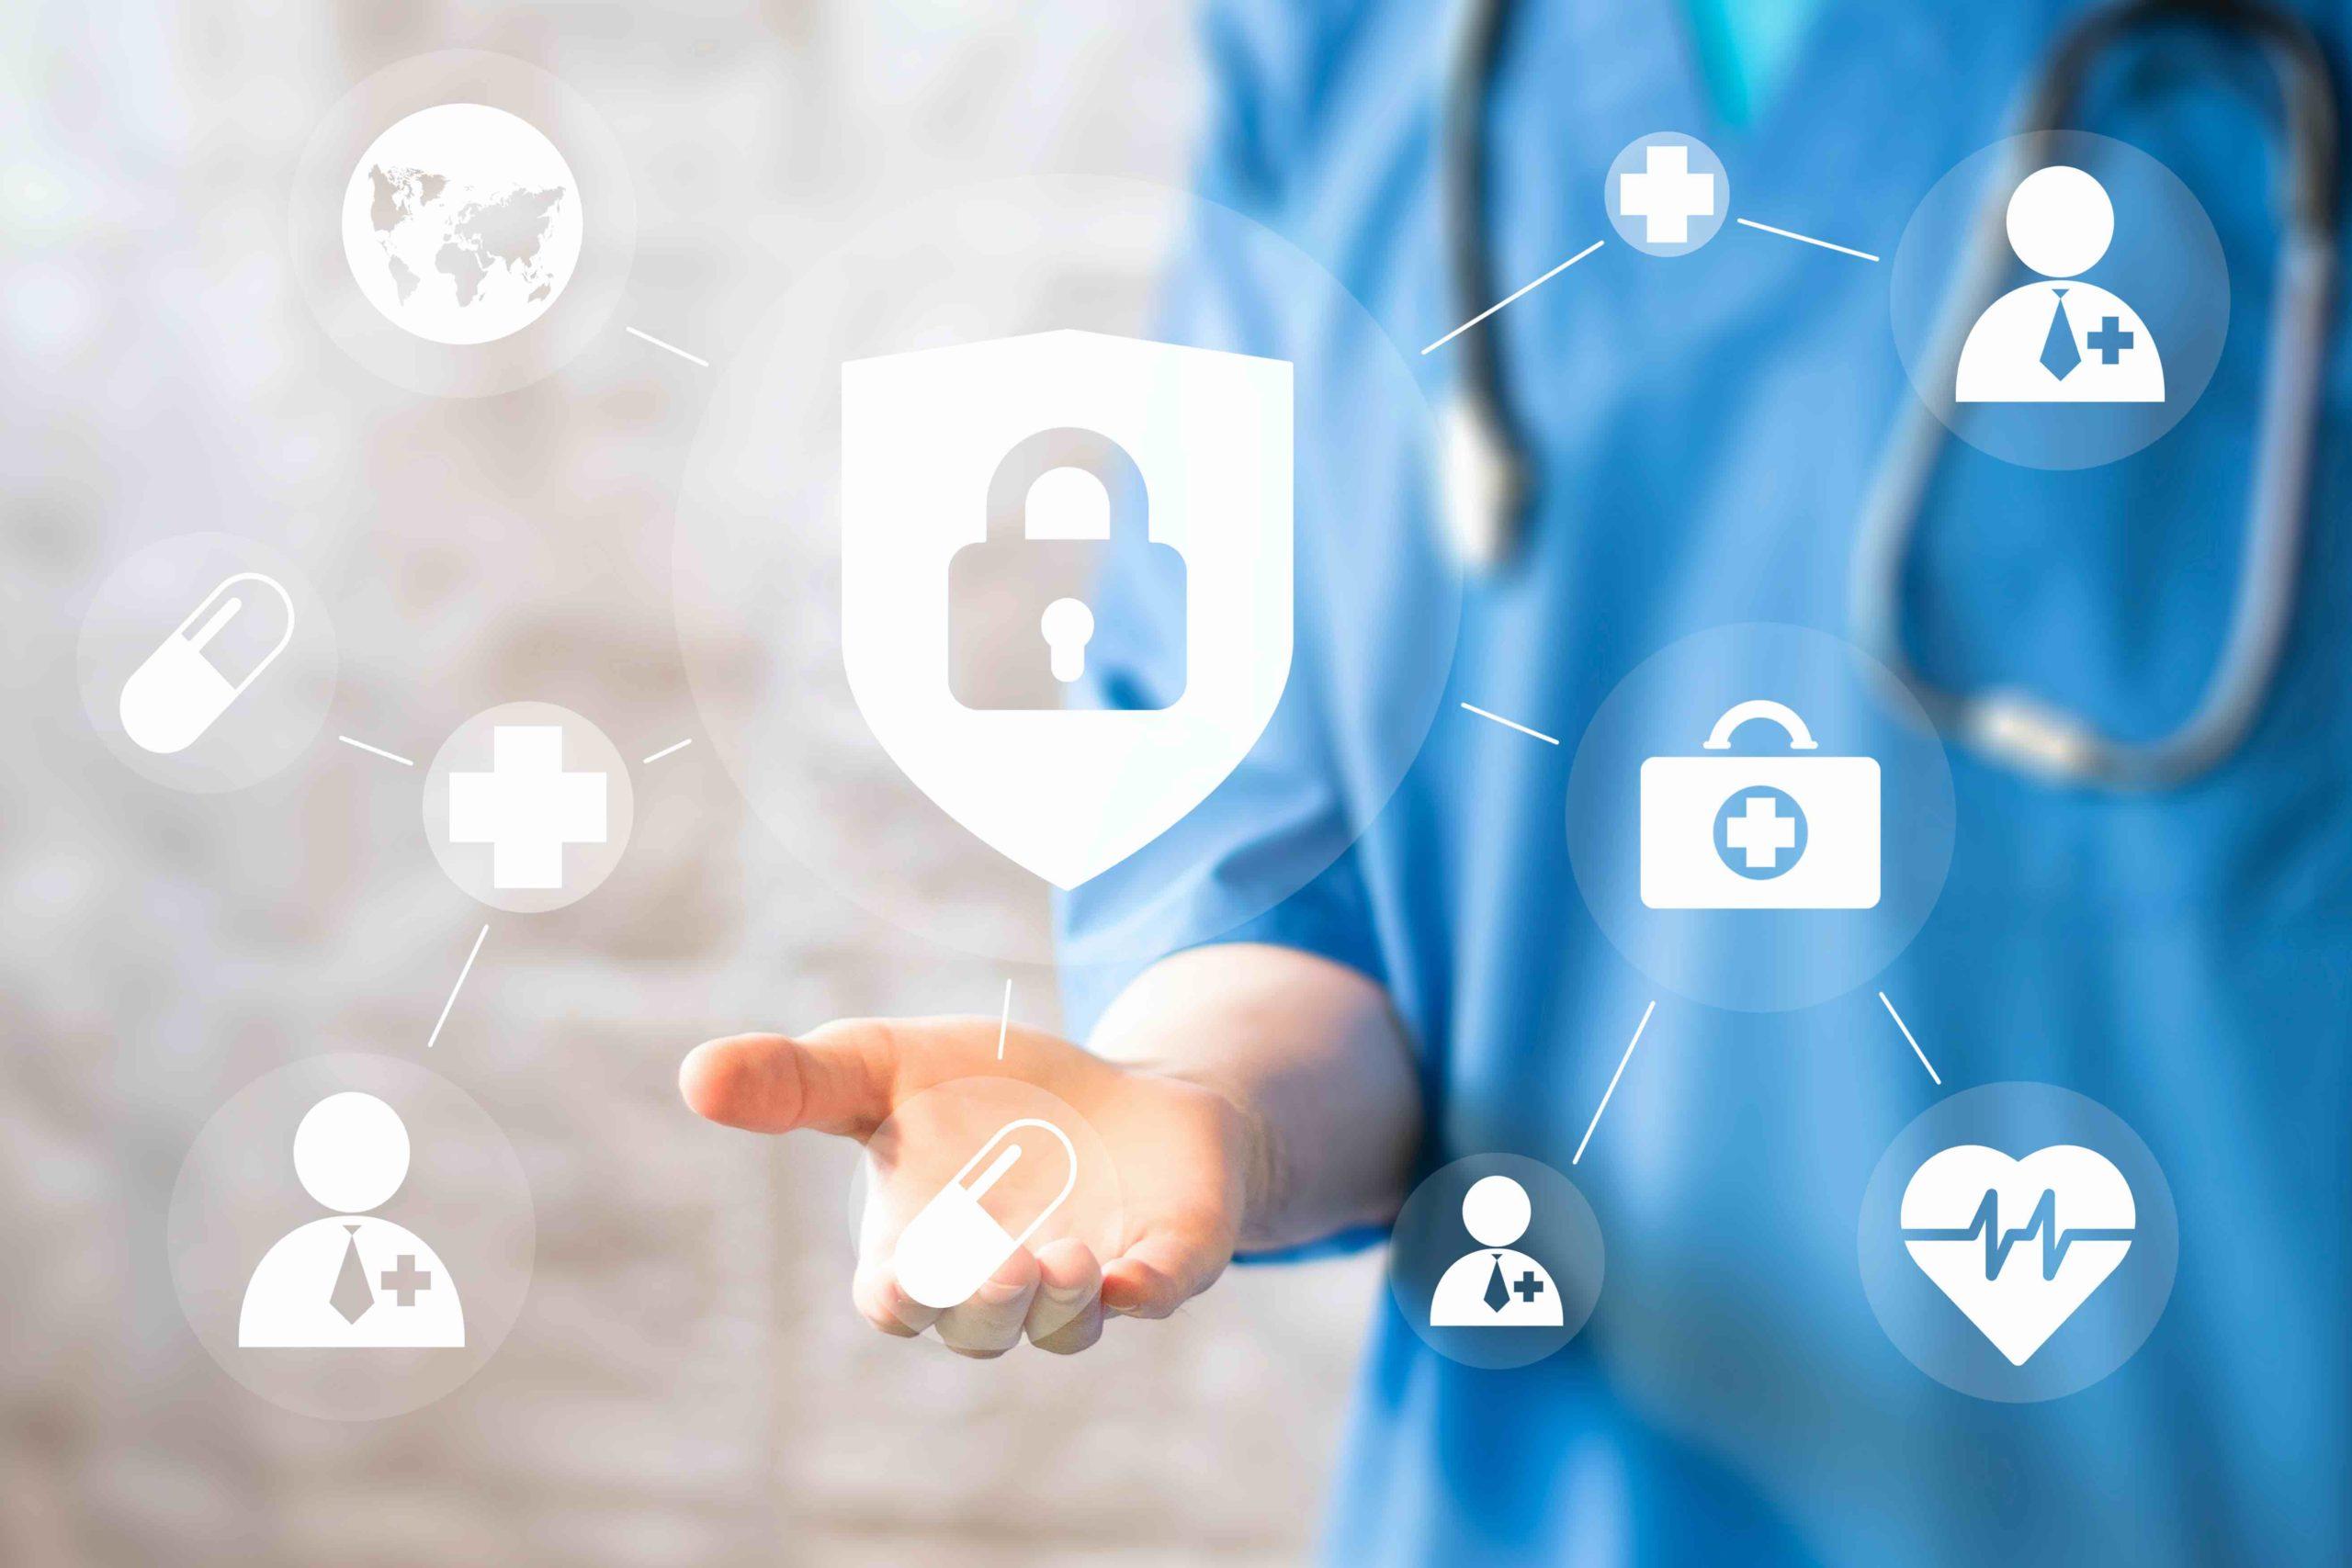 LGPD na medicina: Tudo o que você precisa saber